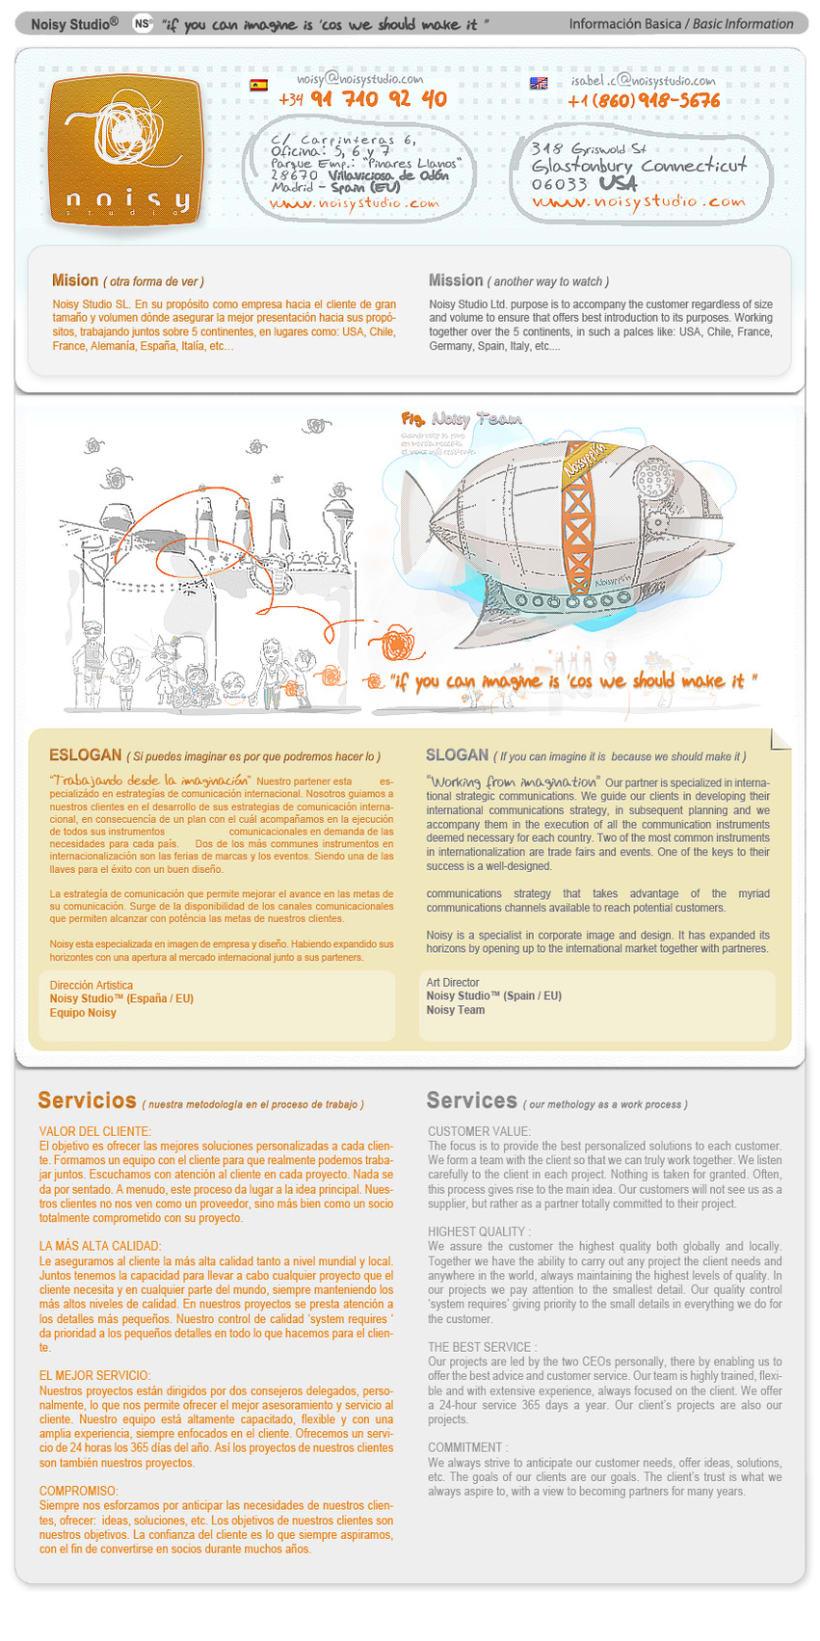 NOISY STUDIO (Basic) 4